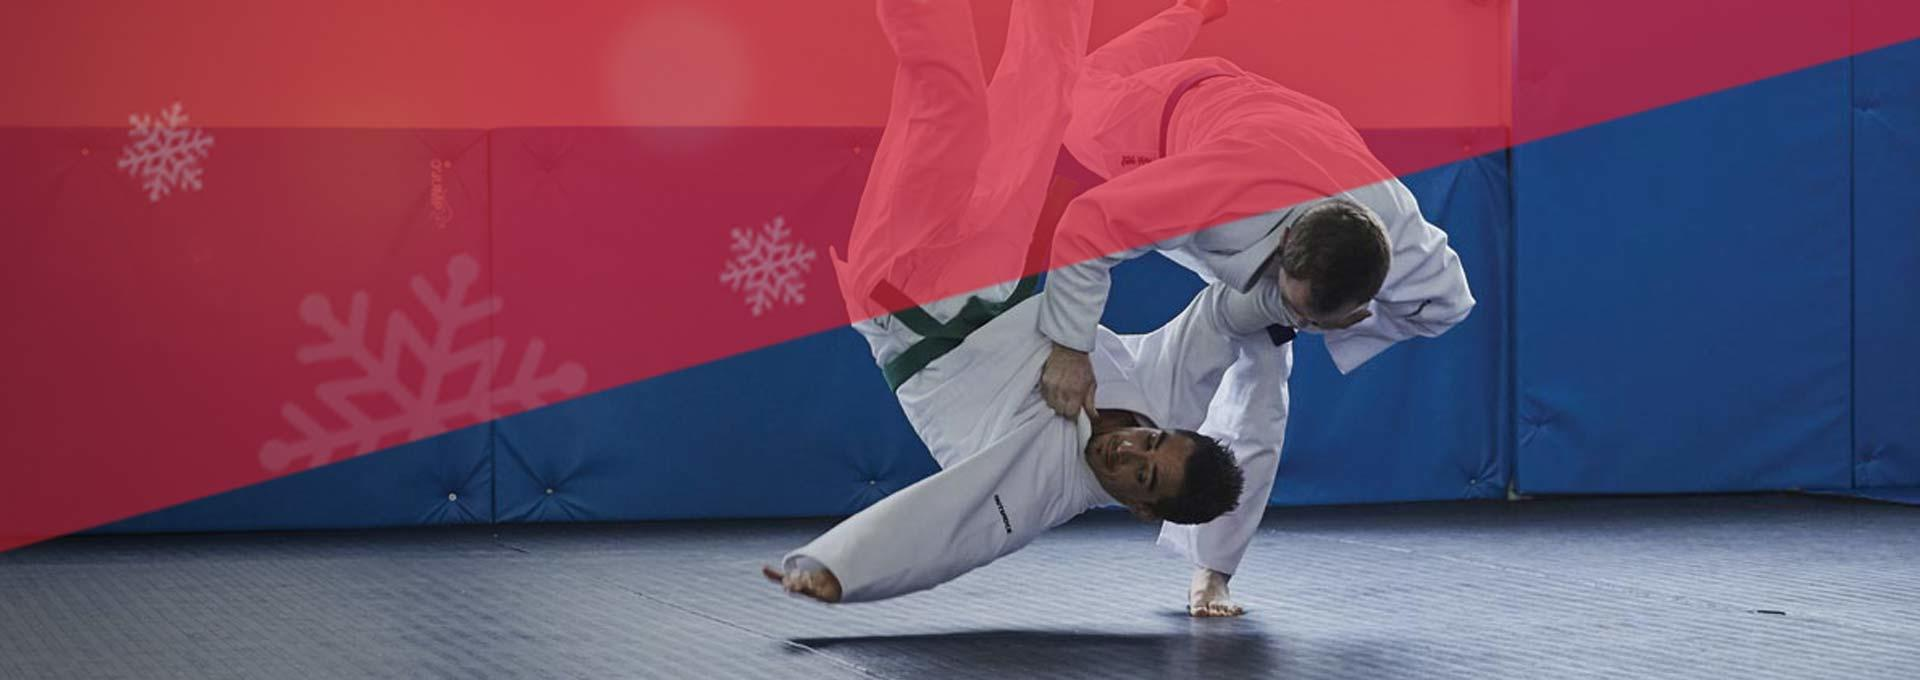 Idées cadeaux Noël Judo